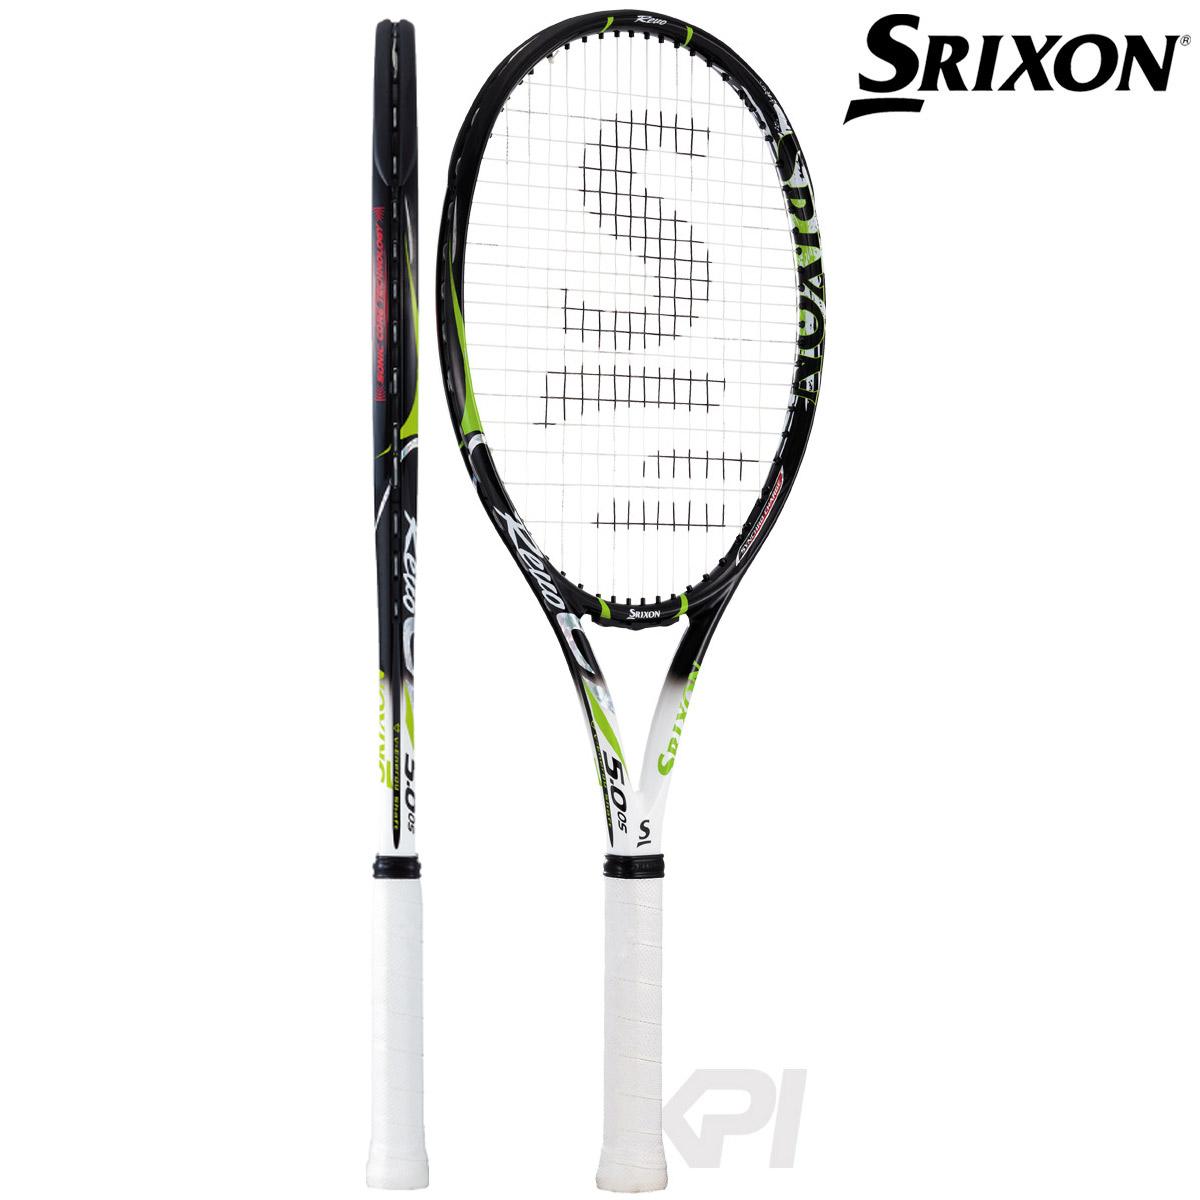 「あす楽対応」SRIXON(スリクソン)【SRIXON REVO CV 5.0 OS(スリクソンレヴォ 5.0 OS)フレームのみ SR21604】硬式テニスラケット【prospo】 『即日出荷』